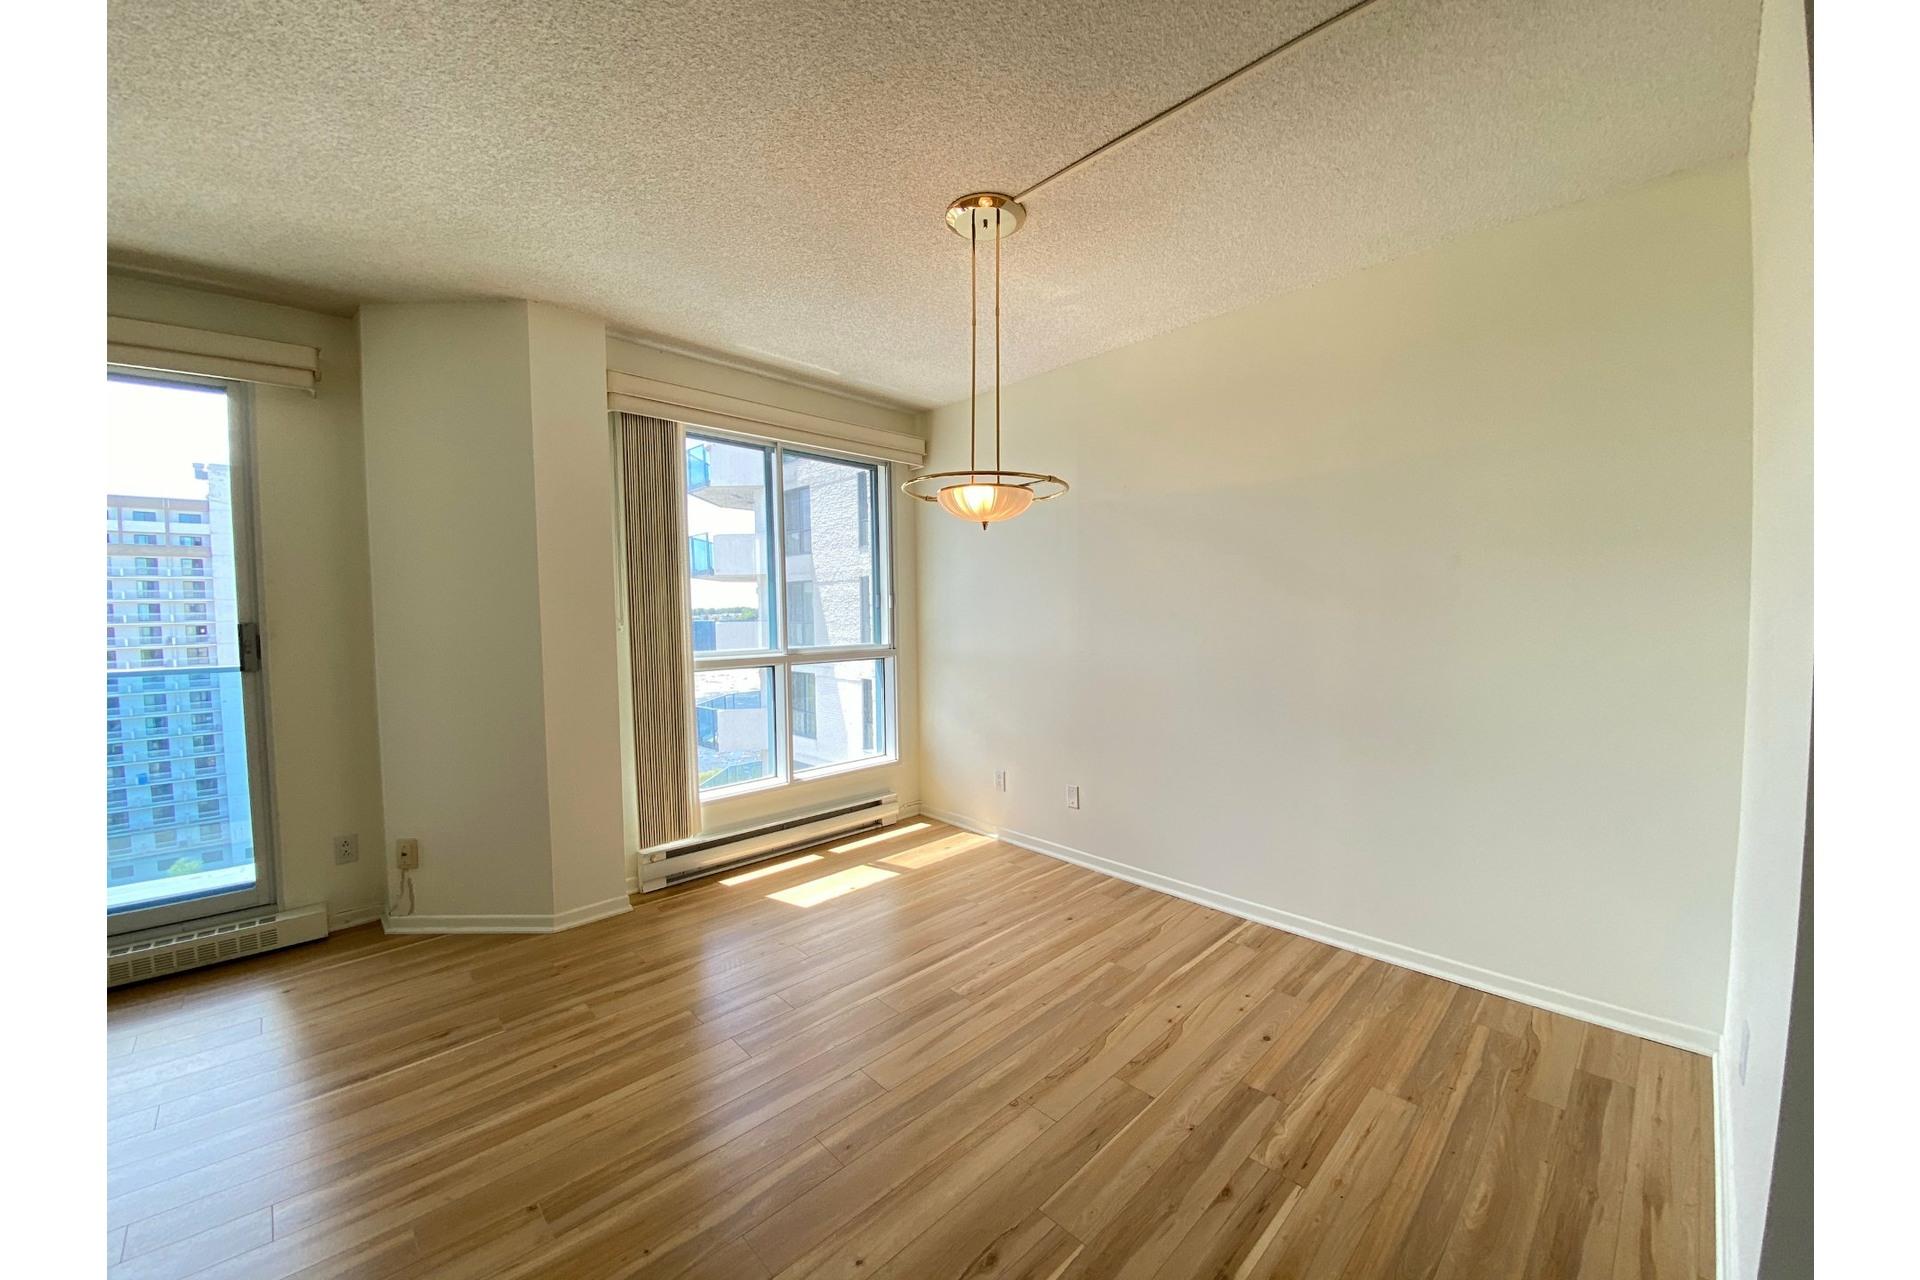 image 8 - Appartement À louer Montréal-Nord Montréal  - 4 pièces